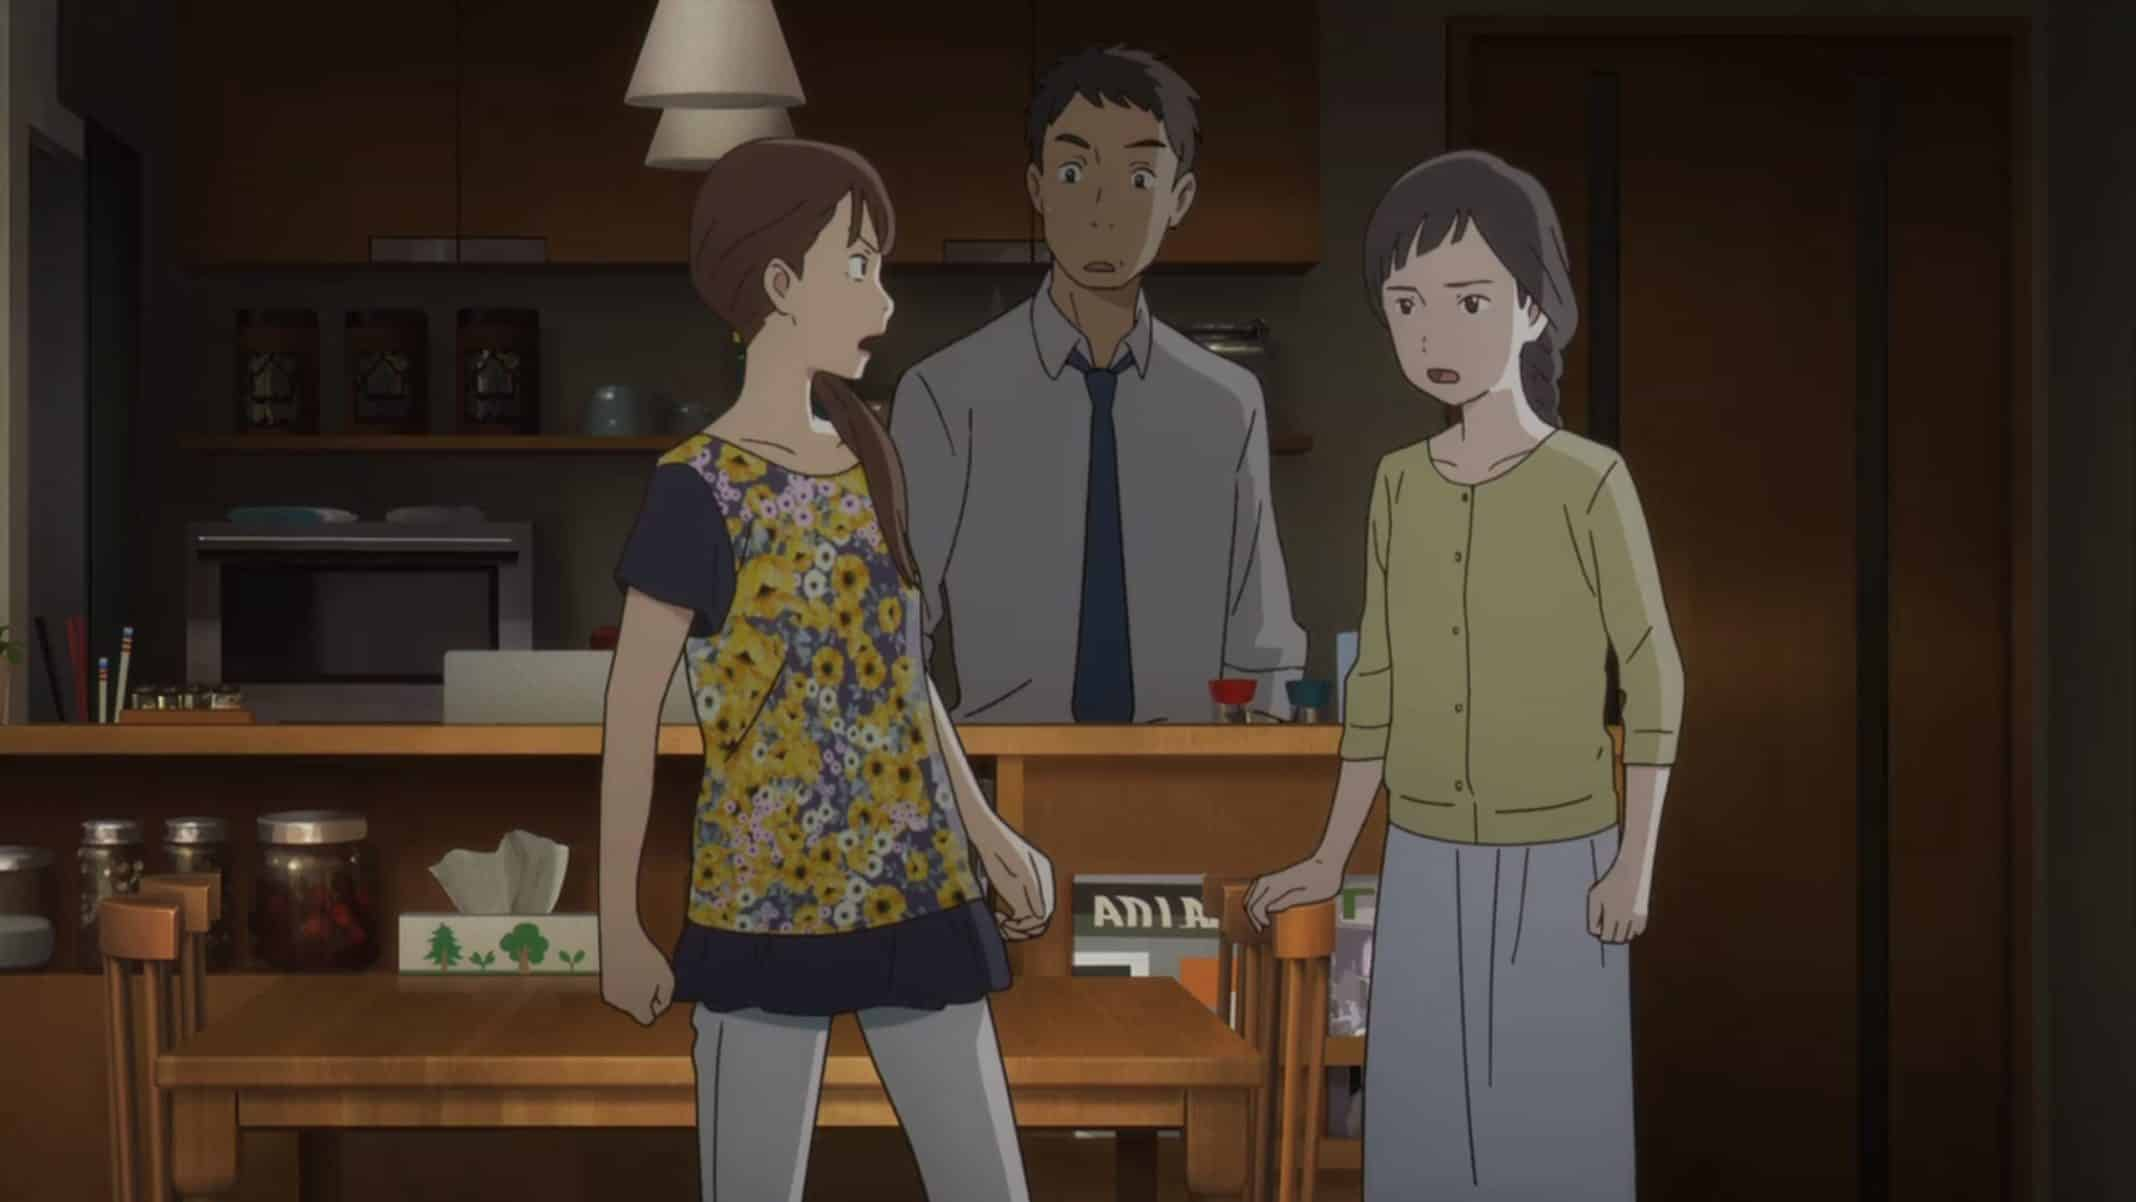 Miki, Yoji, and Kaoru arguing.